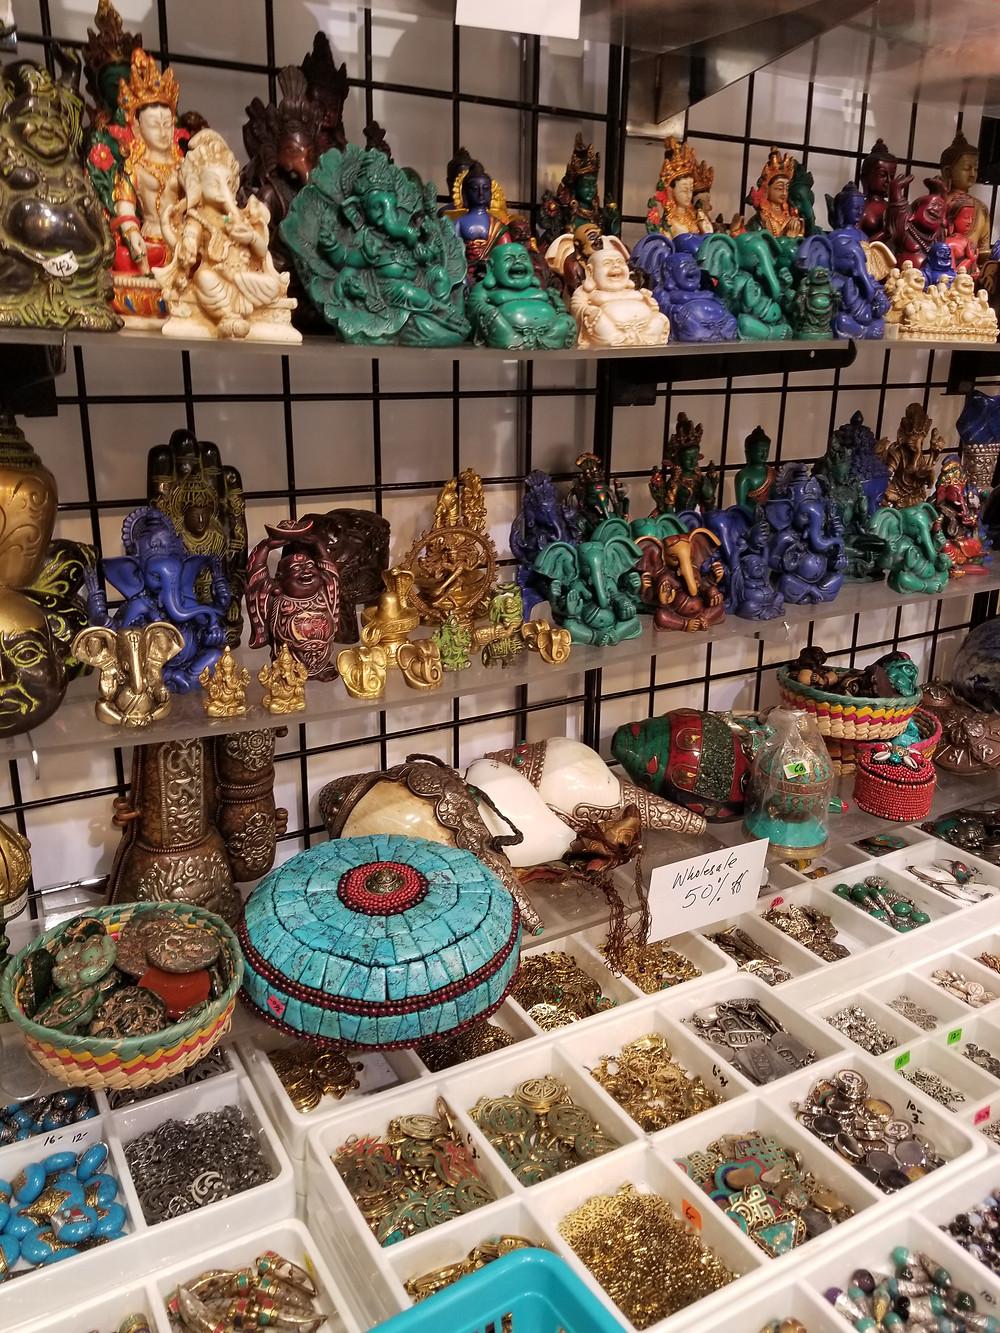 Sitting Buddhas on a shelf